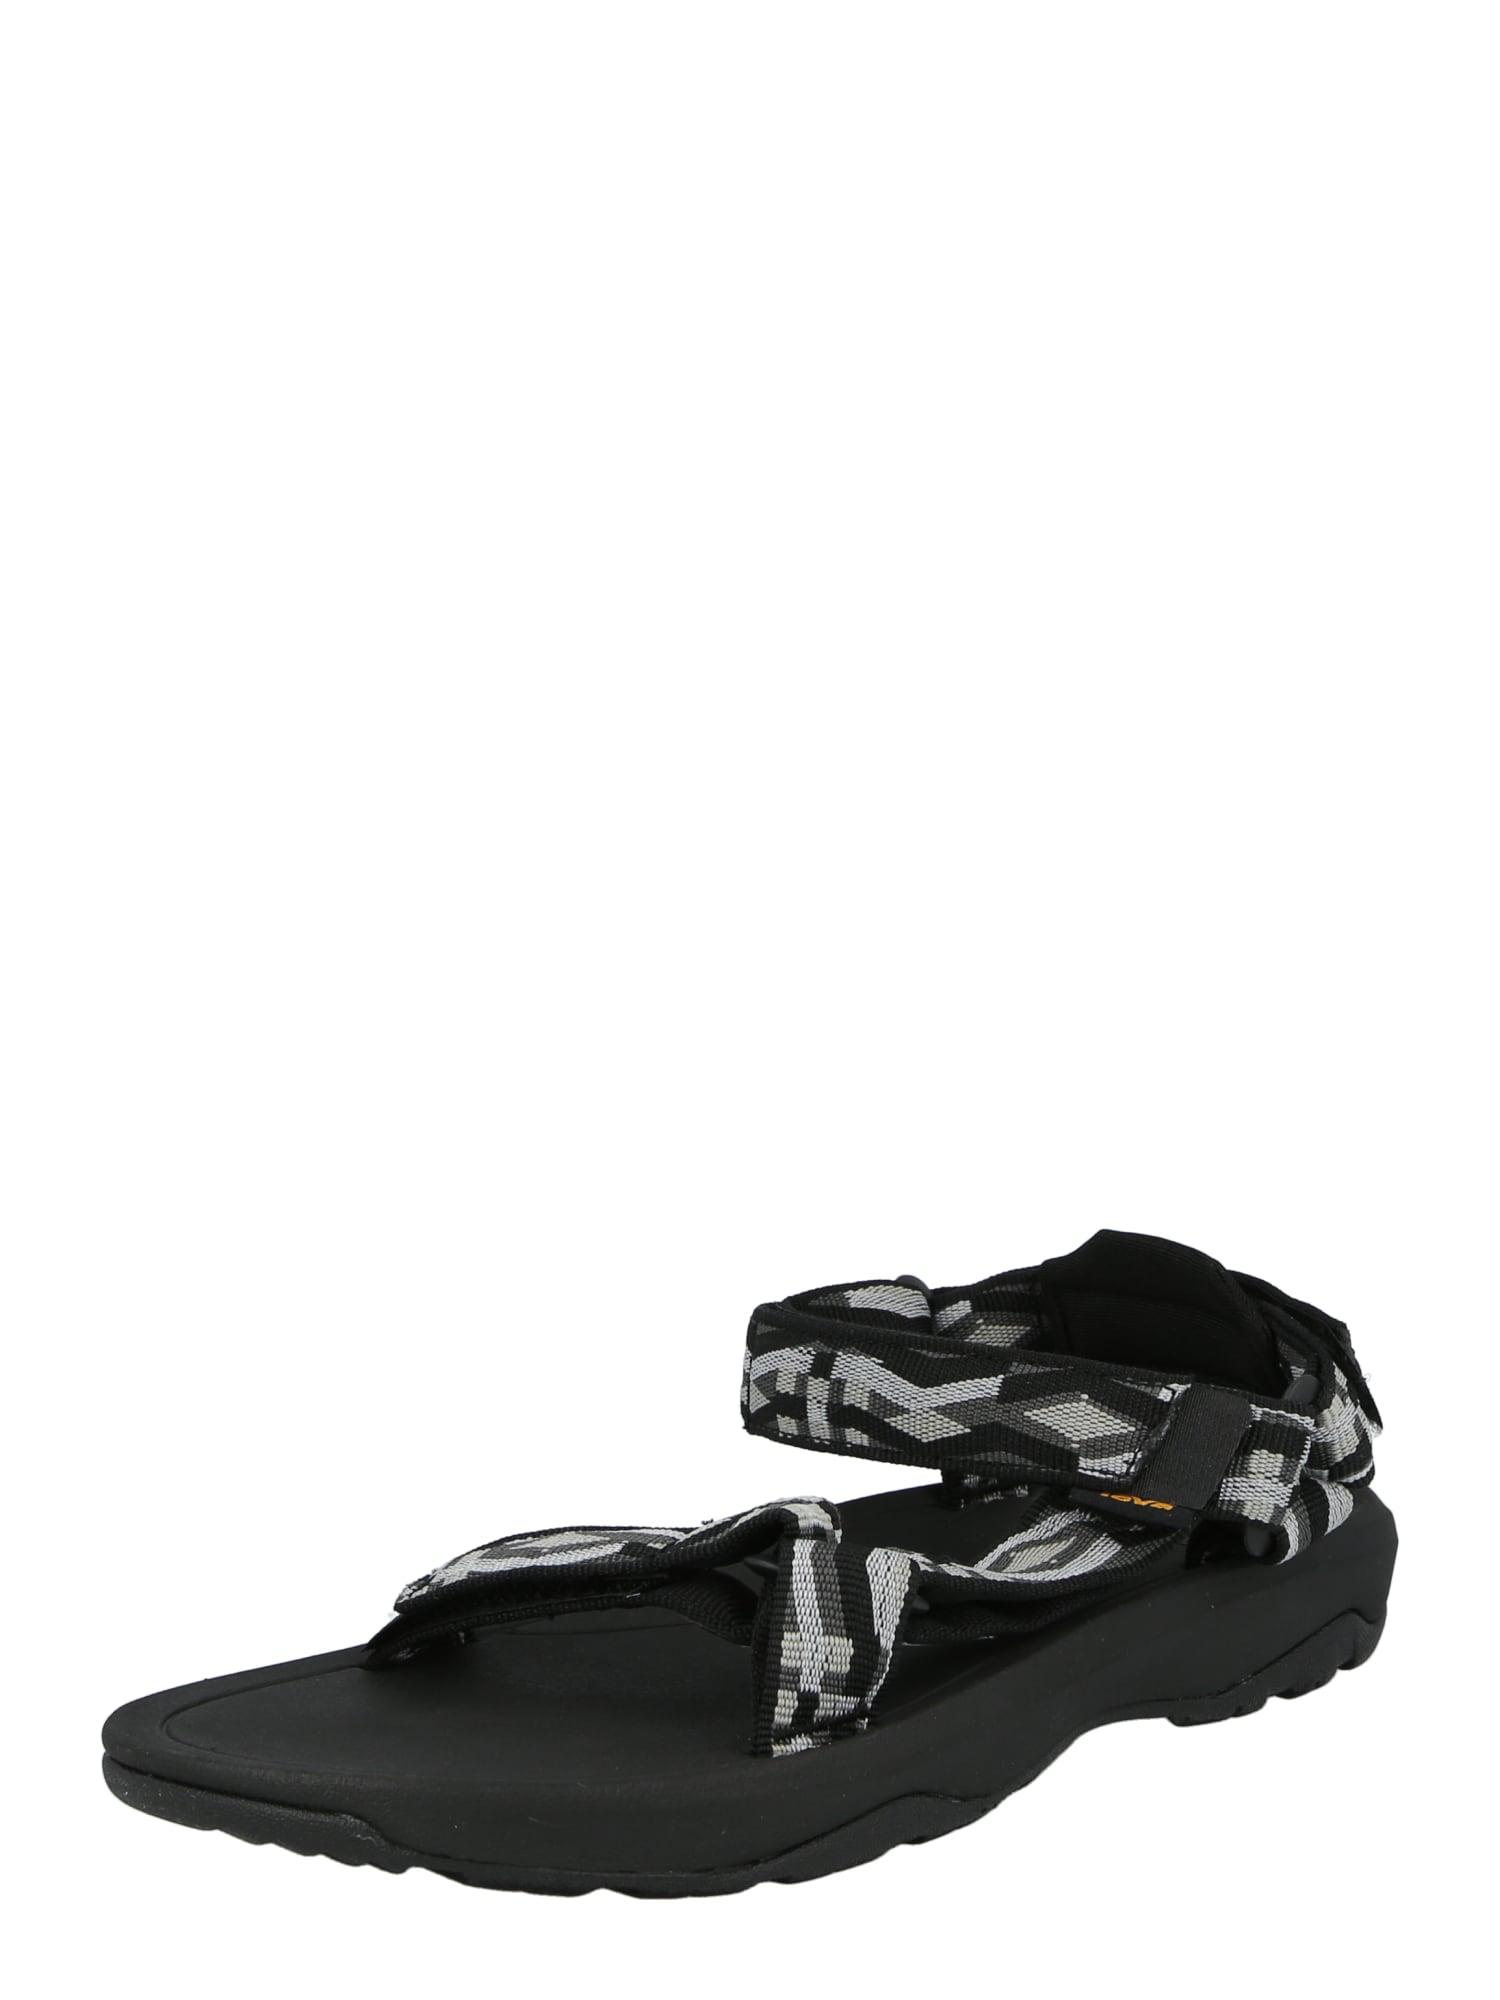 TEVA Atviri batai juoda / balta / šviesiai pilka / tamsiai pilka